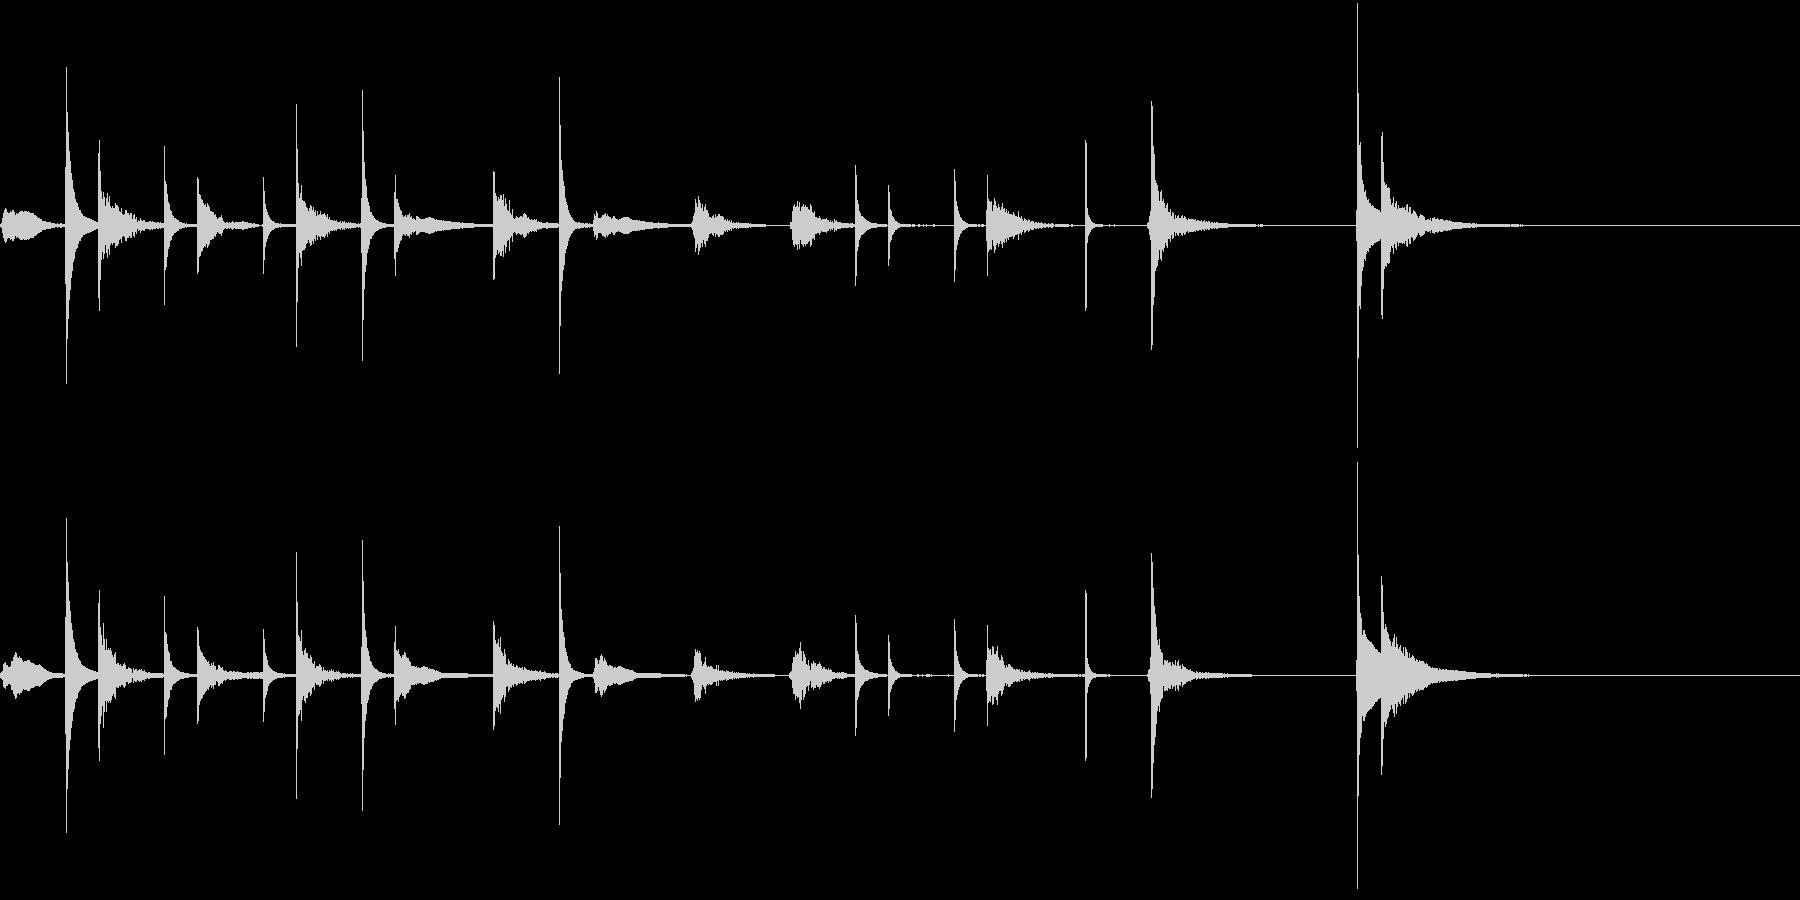 マリンバの可愛らしいジングルの未再生の波形